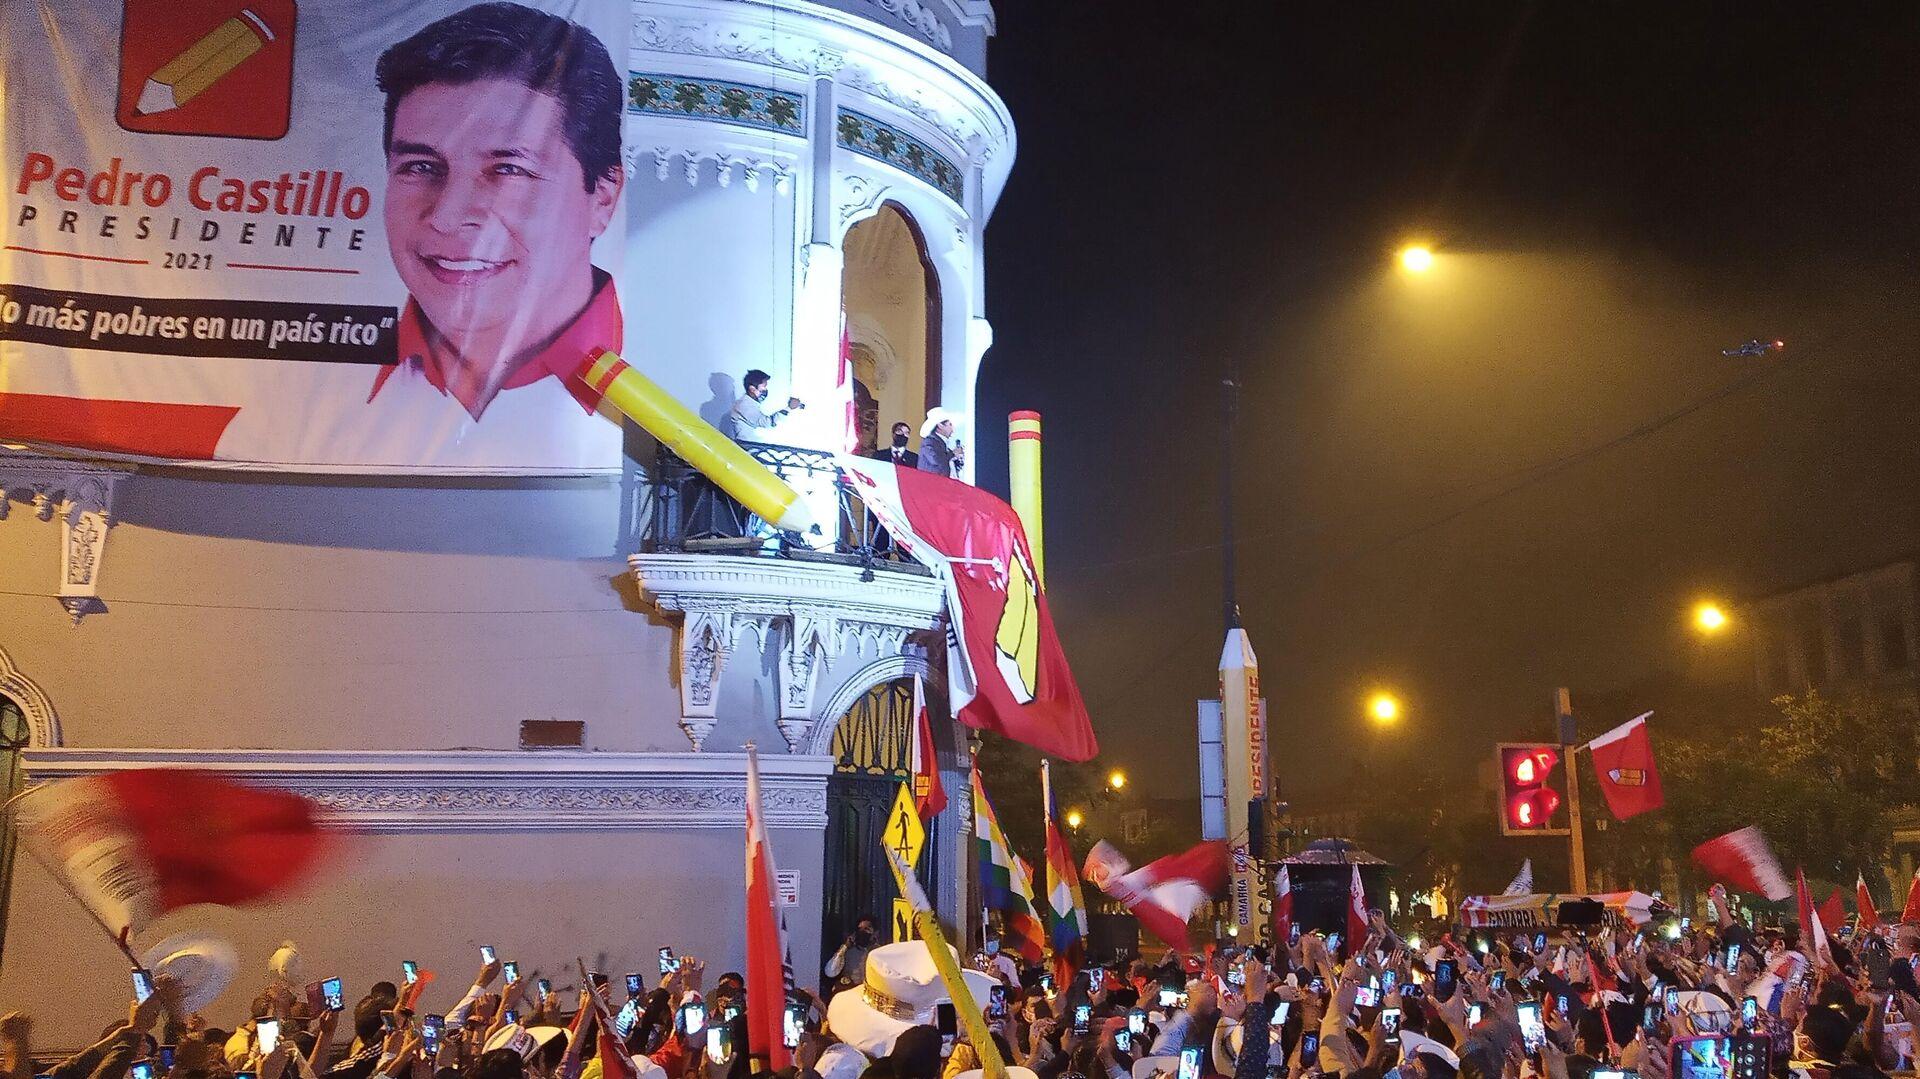 Pedro Castillo ante sus seguidores en Lima la noche del martes 15 de junio - Sputnik Mundo, 1920, 19.07.2021